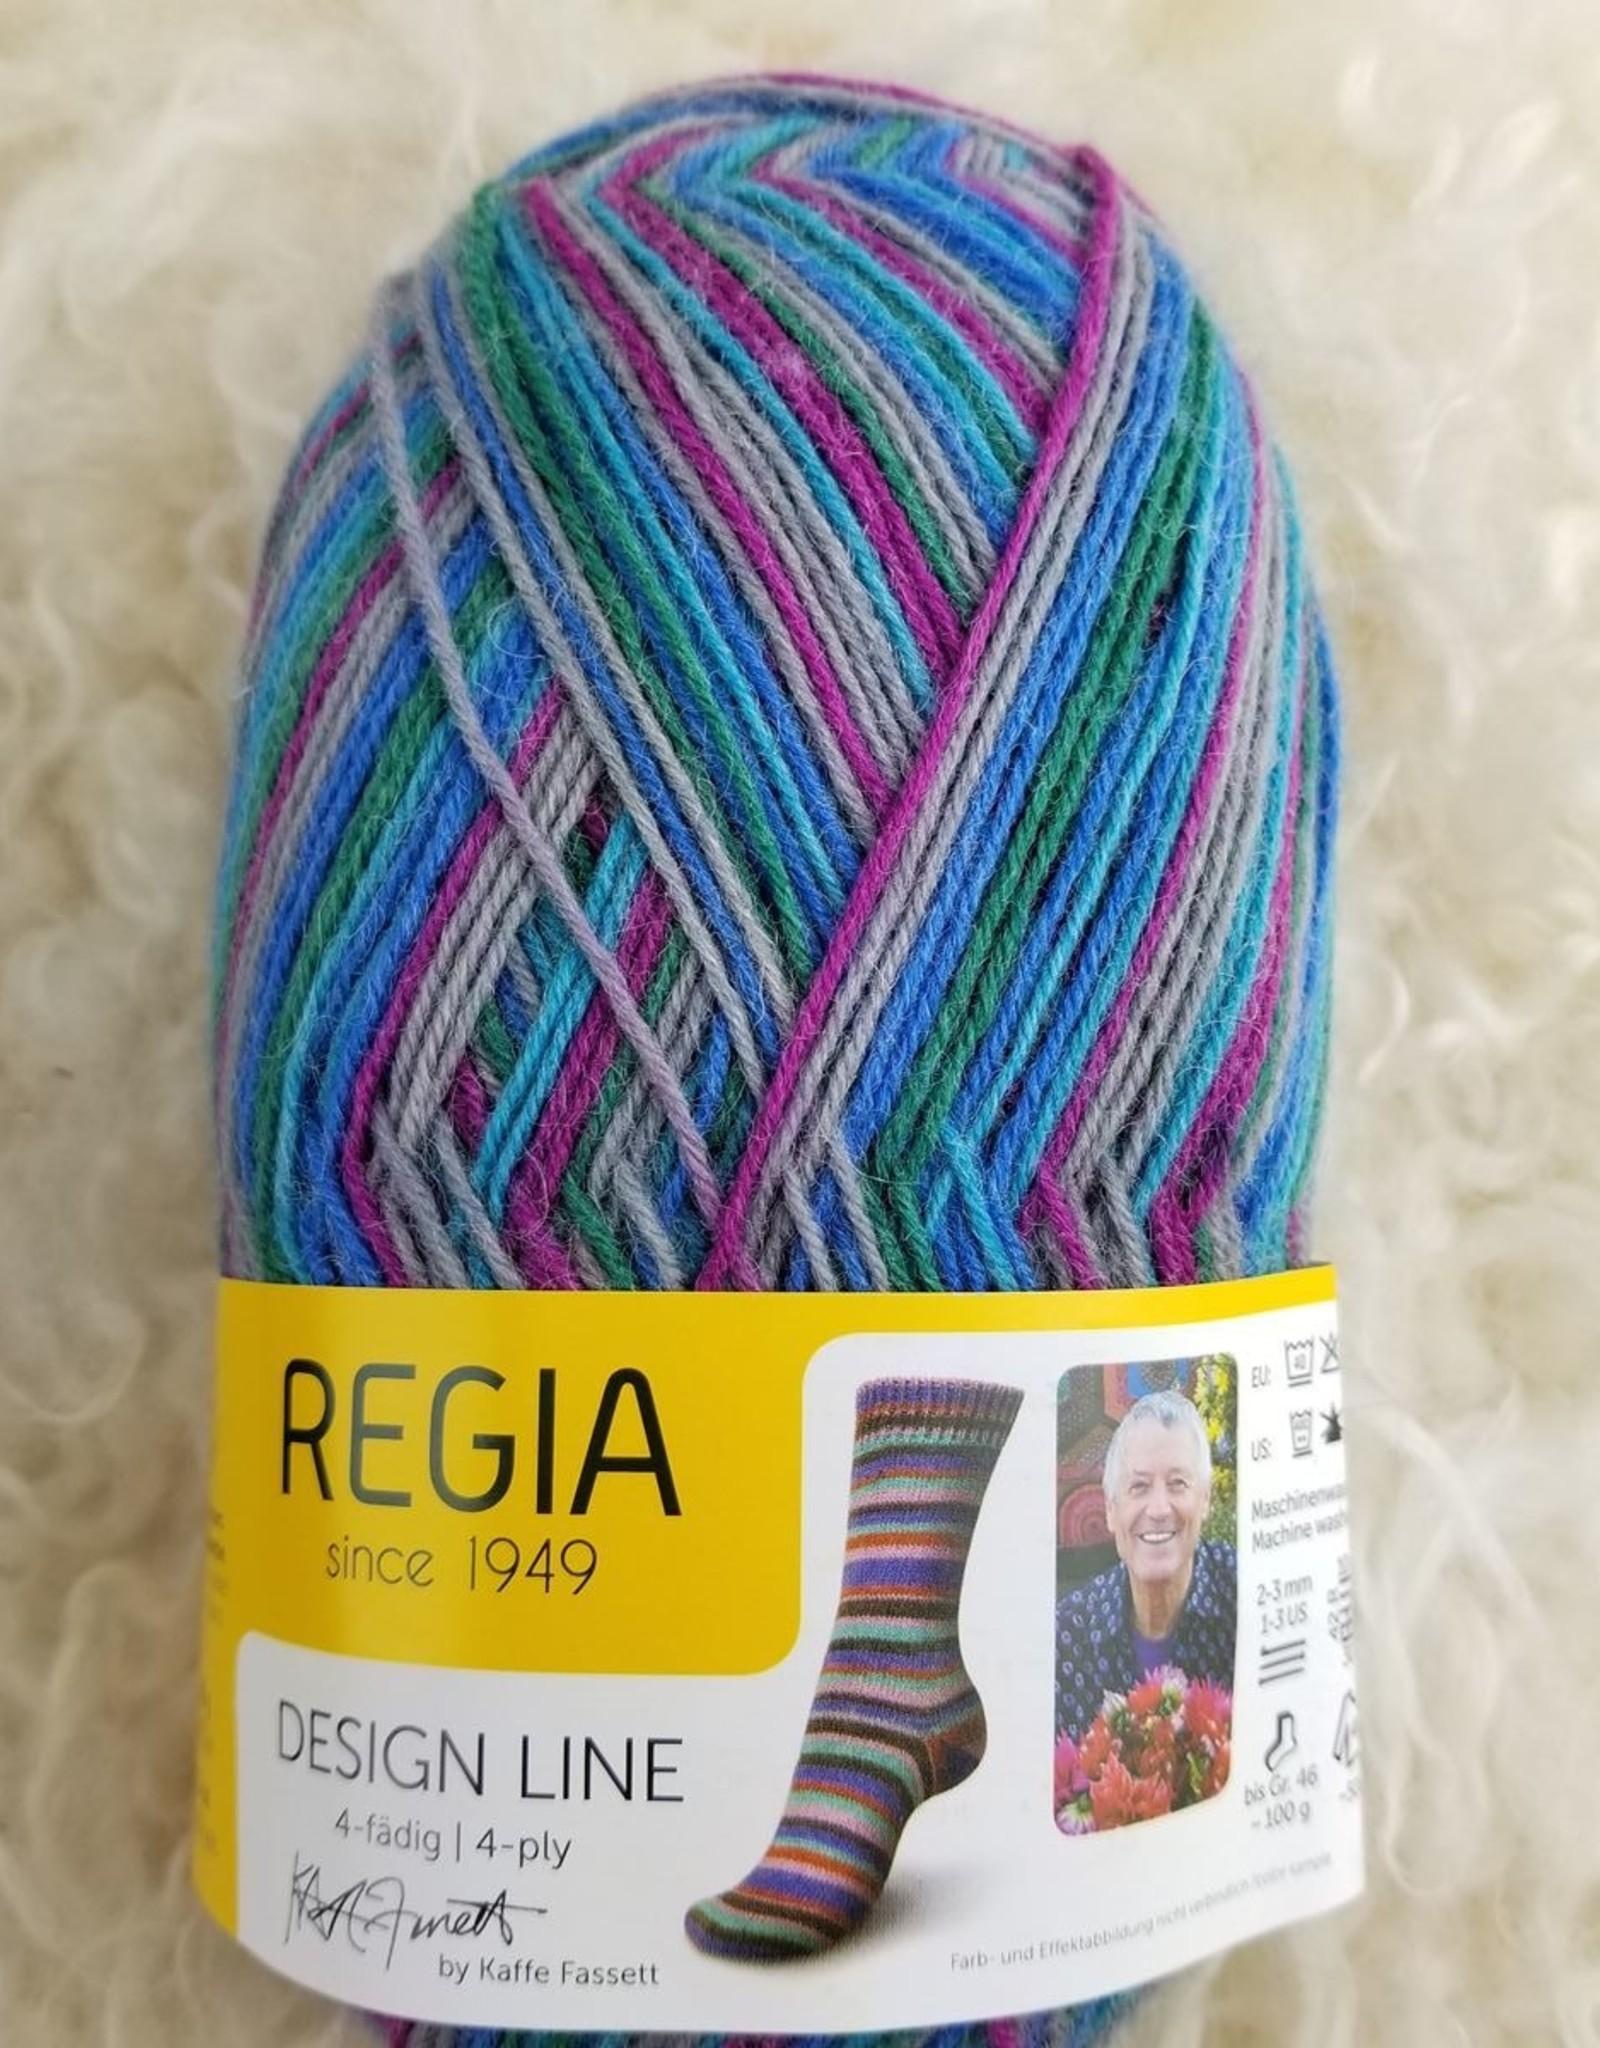 Regia Design Line 4ply KF M355-3866 Cool